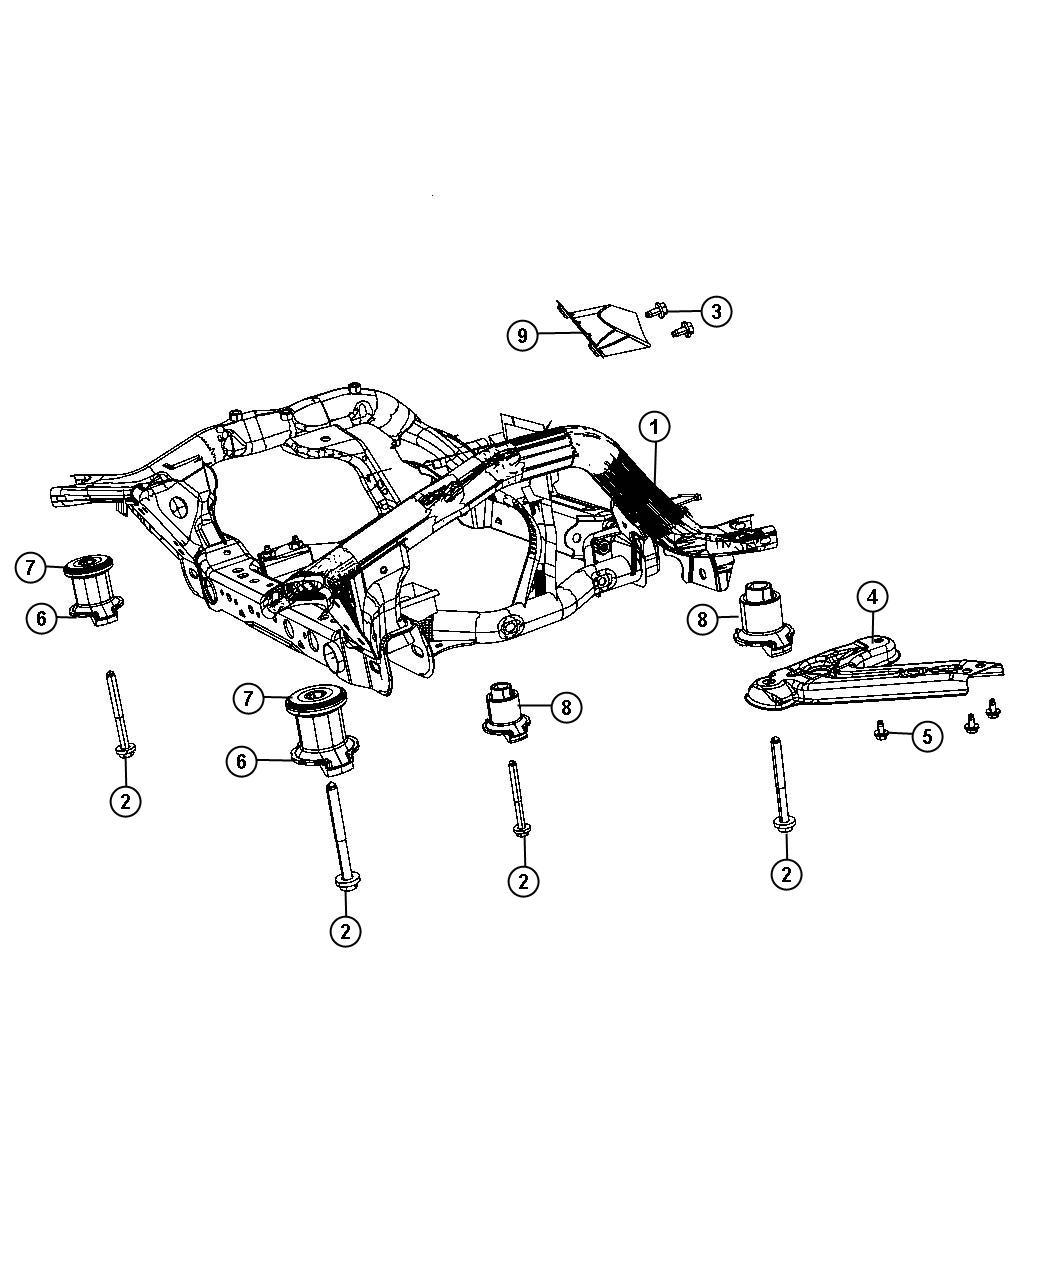 Dodge Durango Isolator Cradle Front Suspension Parts